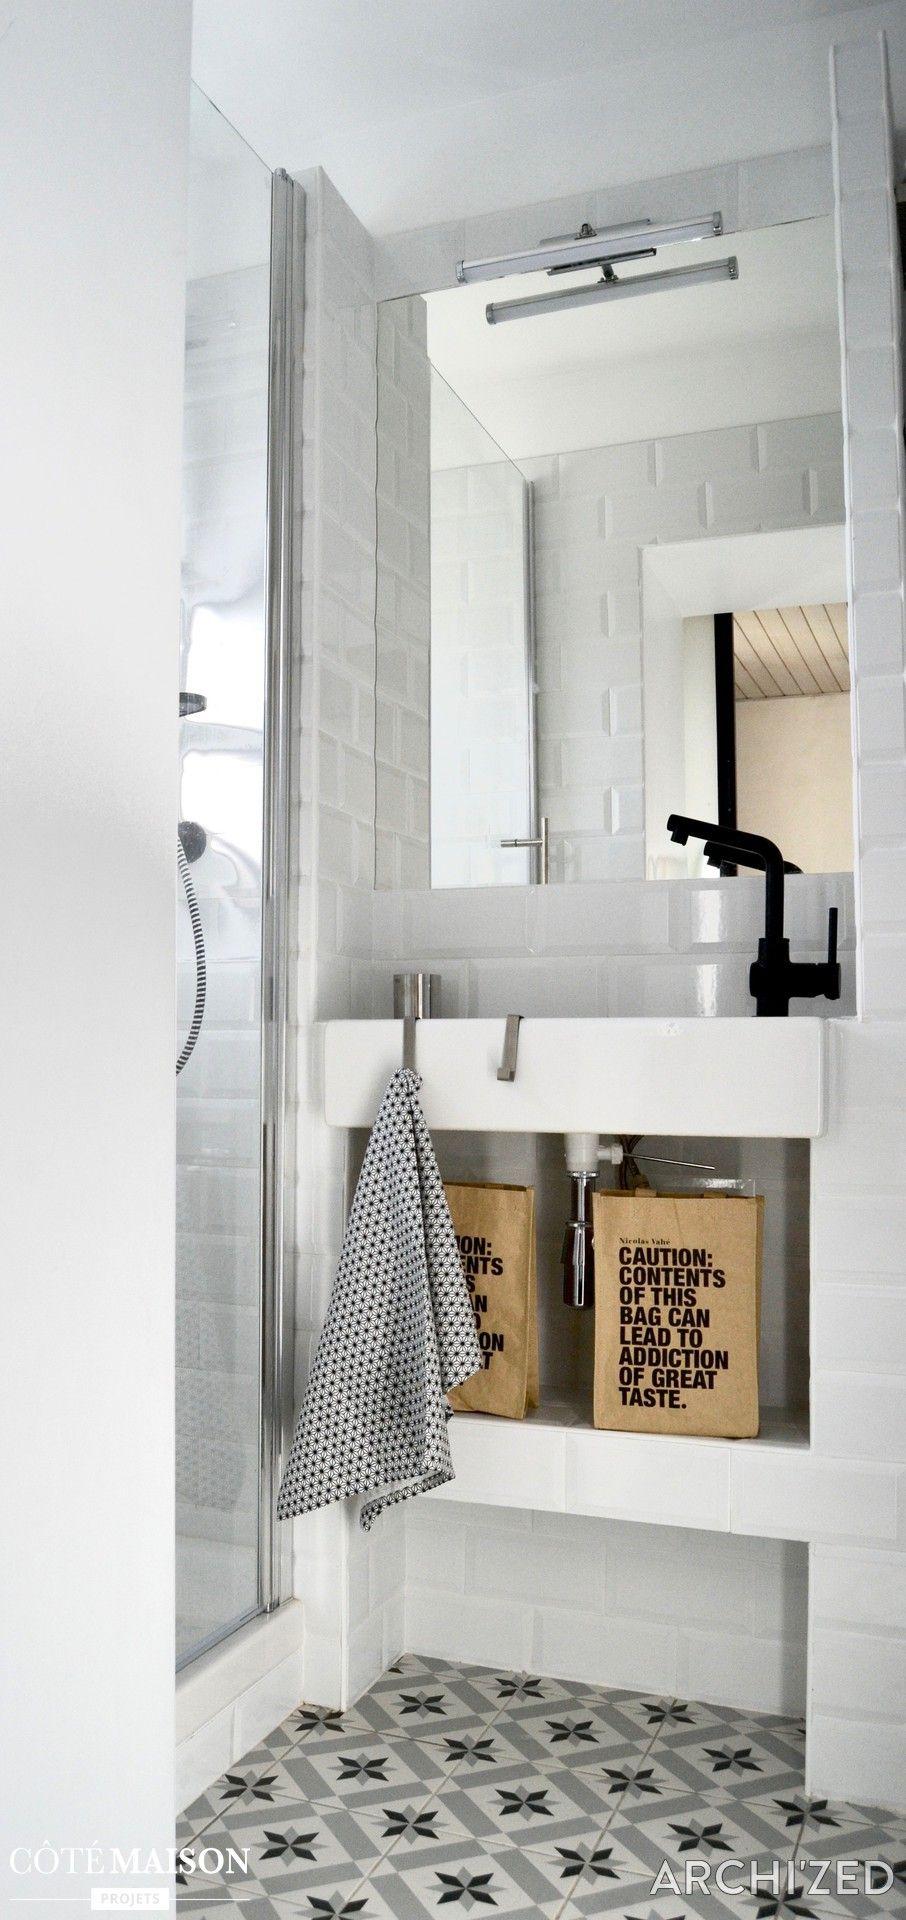 mini salle d 39 eau restructur e nice archi 39 zed d corateur d 39 int rieur bathroom cosy. Black Bedroom Furniture Sets. Home Design Ideas